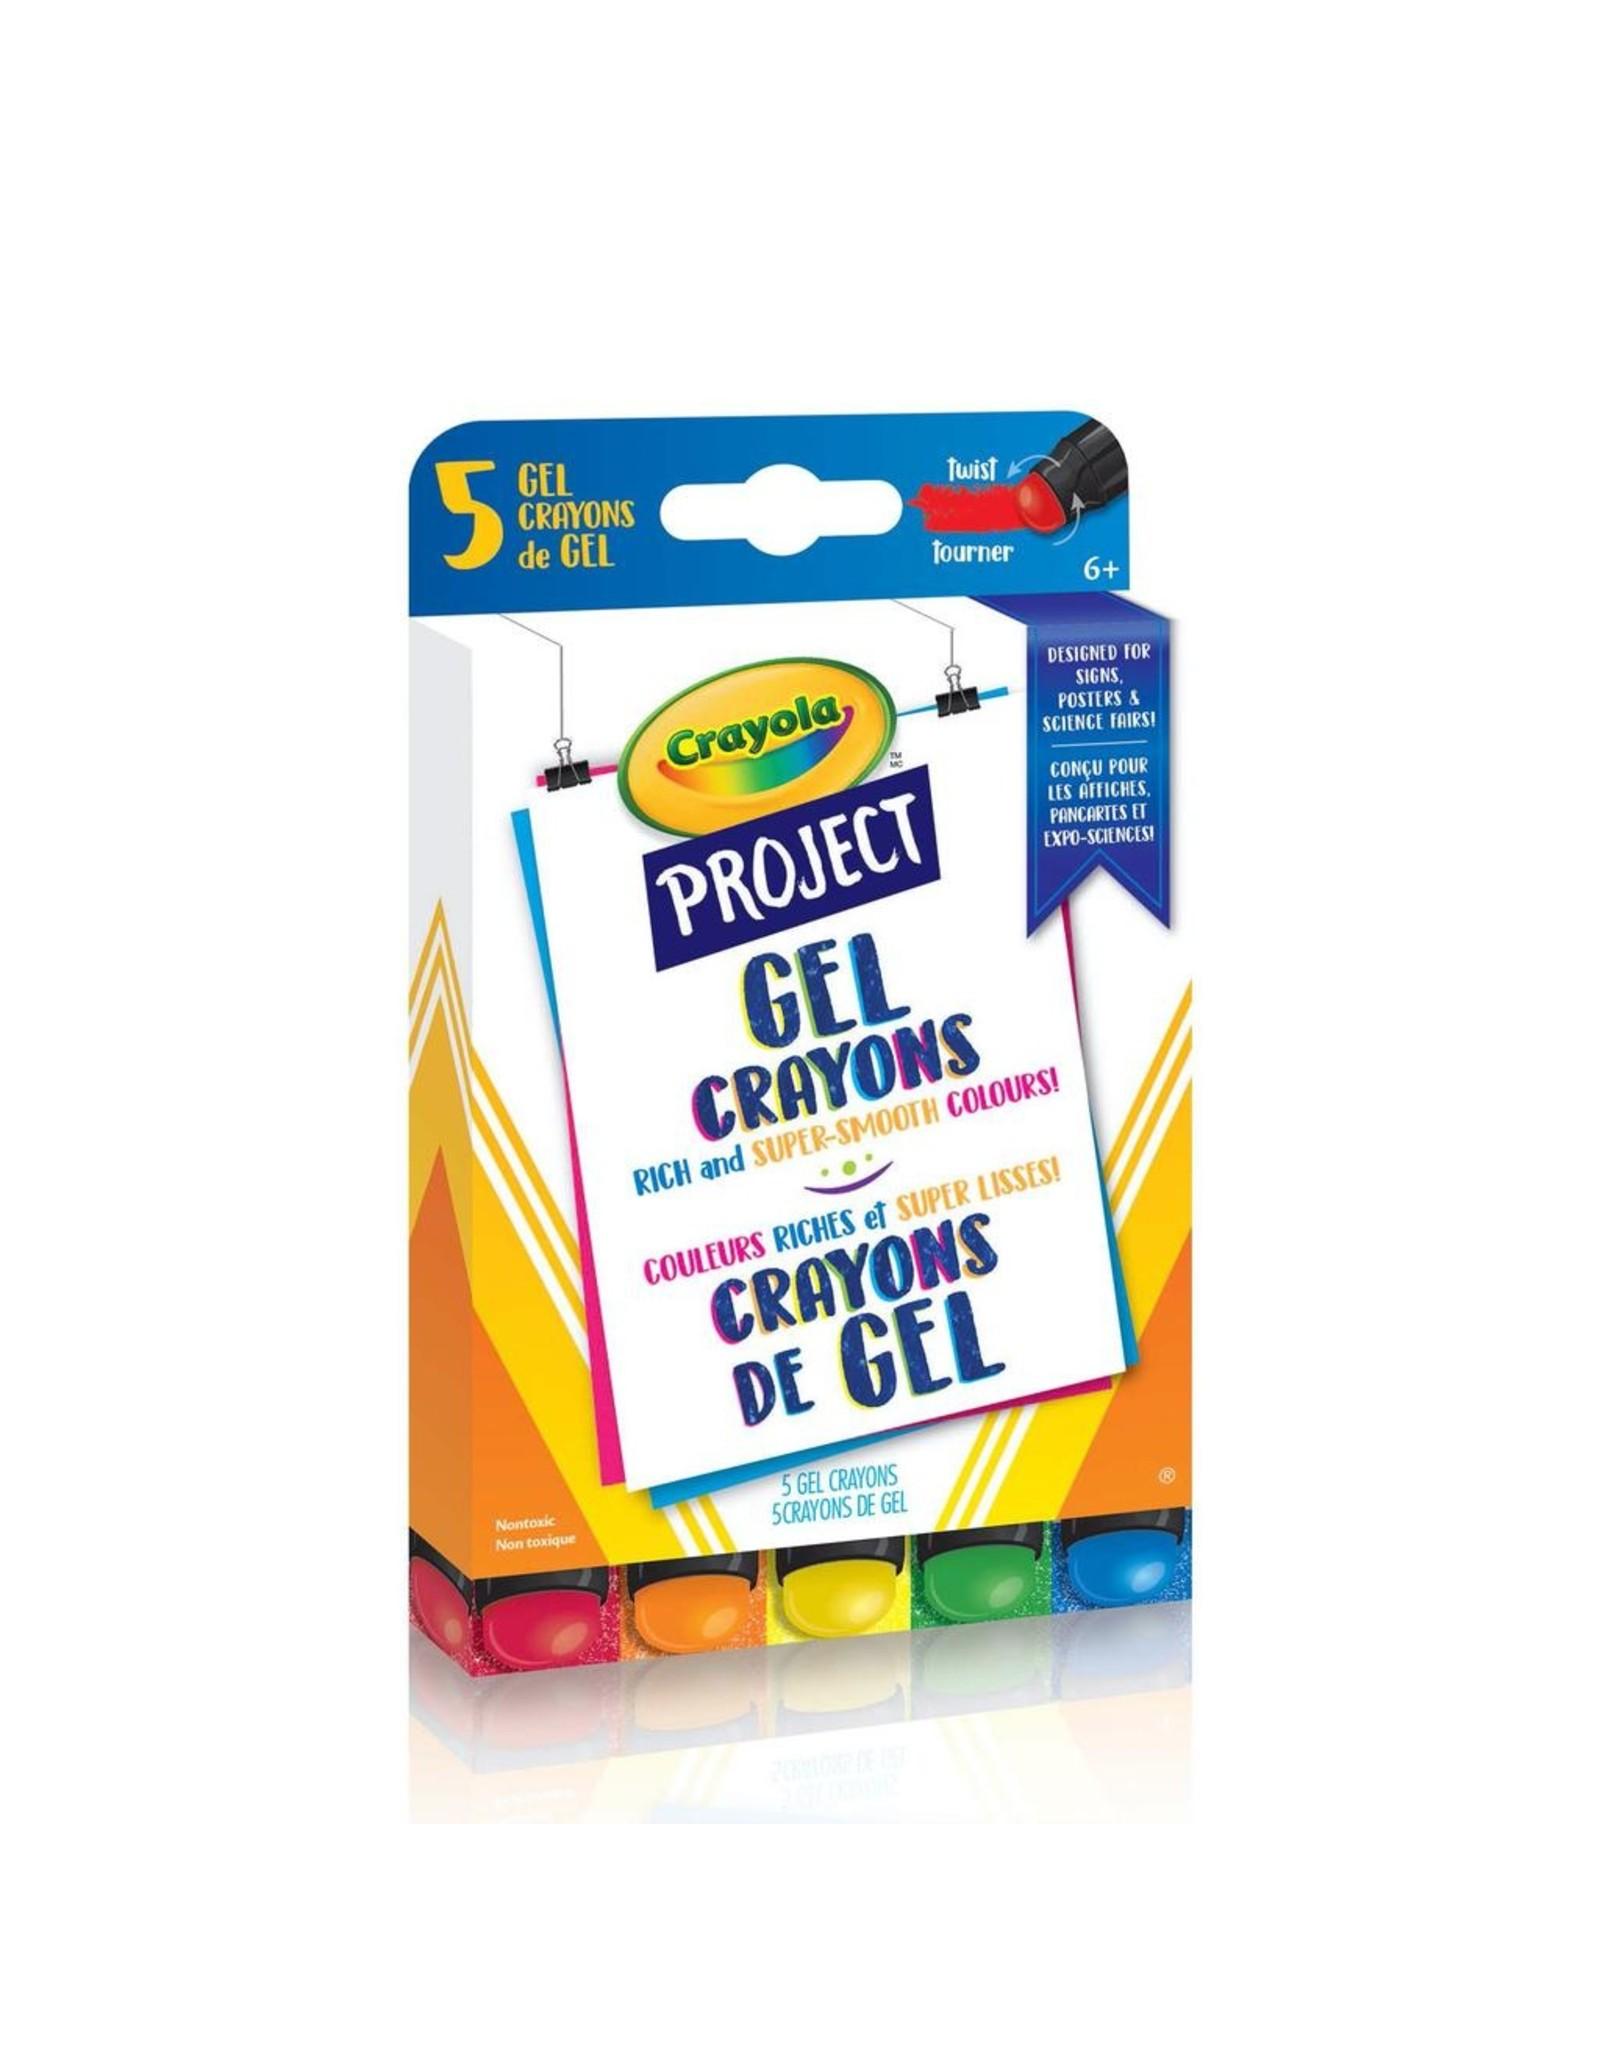 Crayola CRAYOLA PROJECT GEL CRAYONS, 5 COUNT